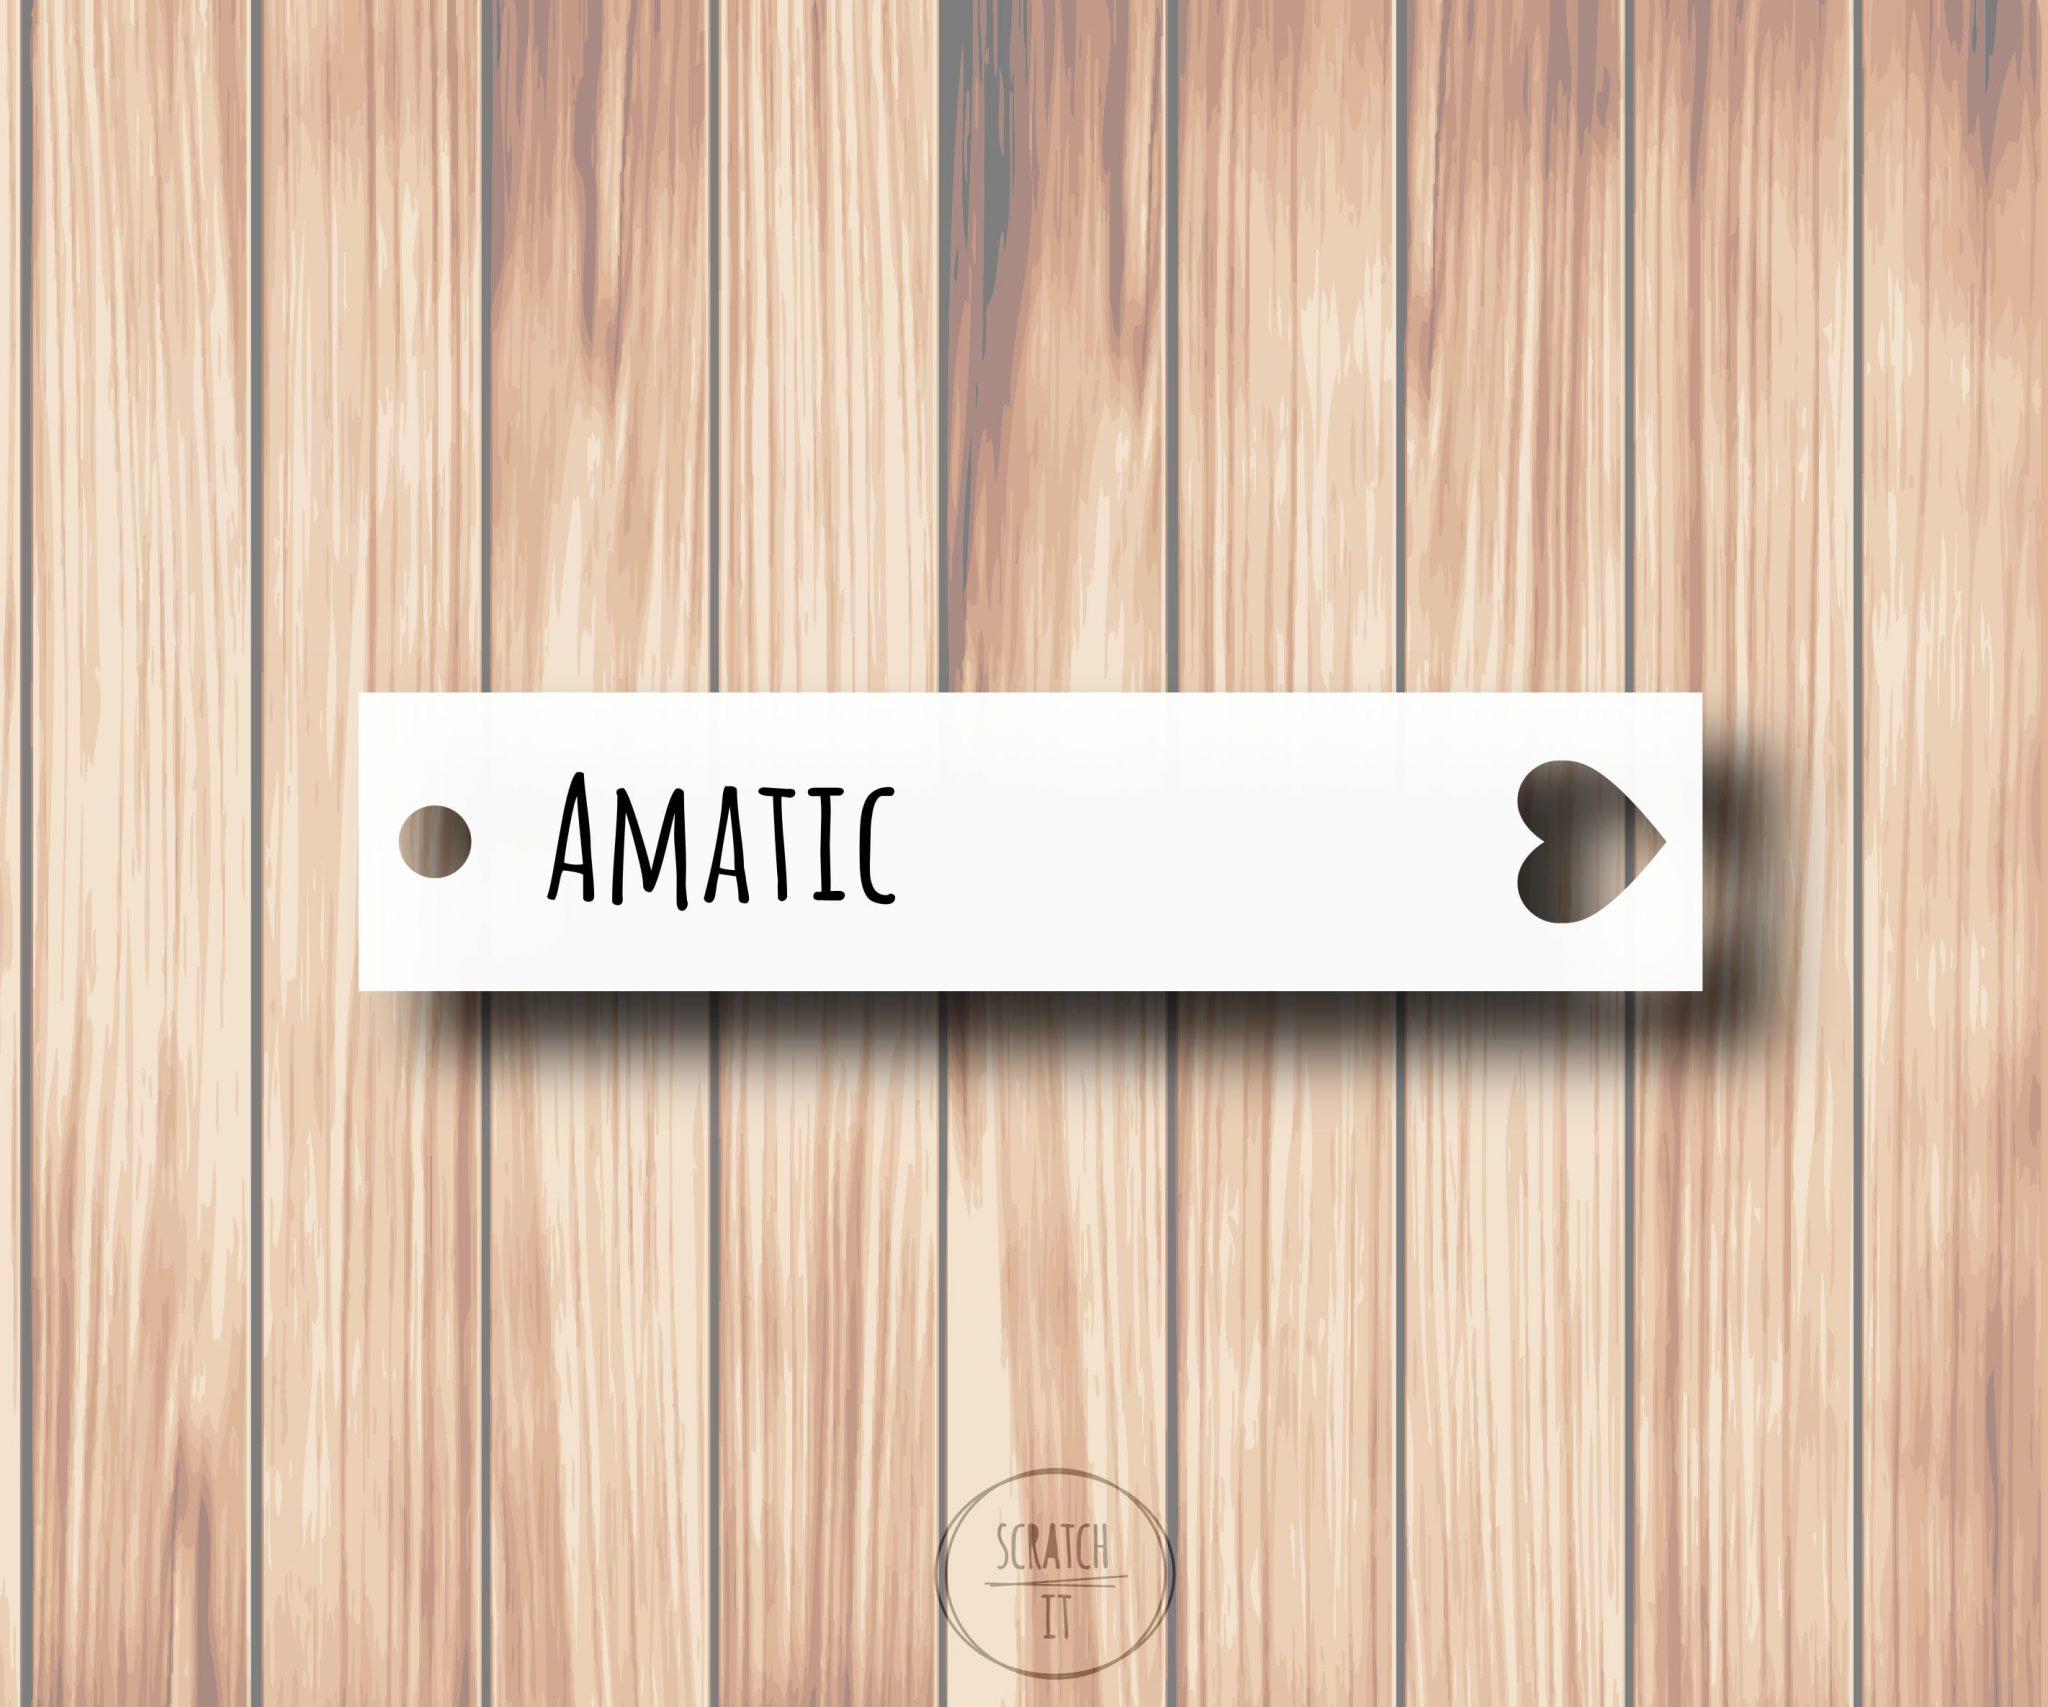 Białe winietki - zawieszka - AMATIC